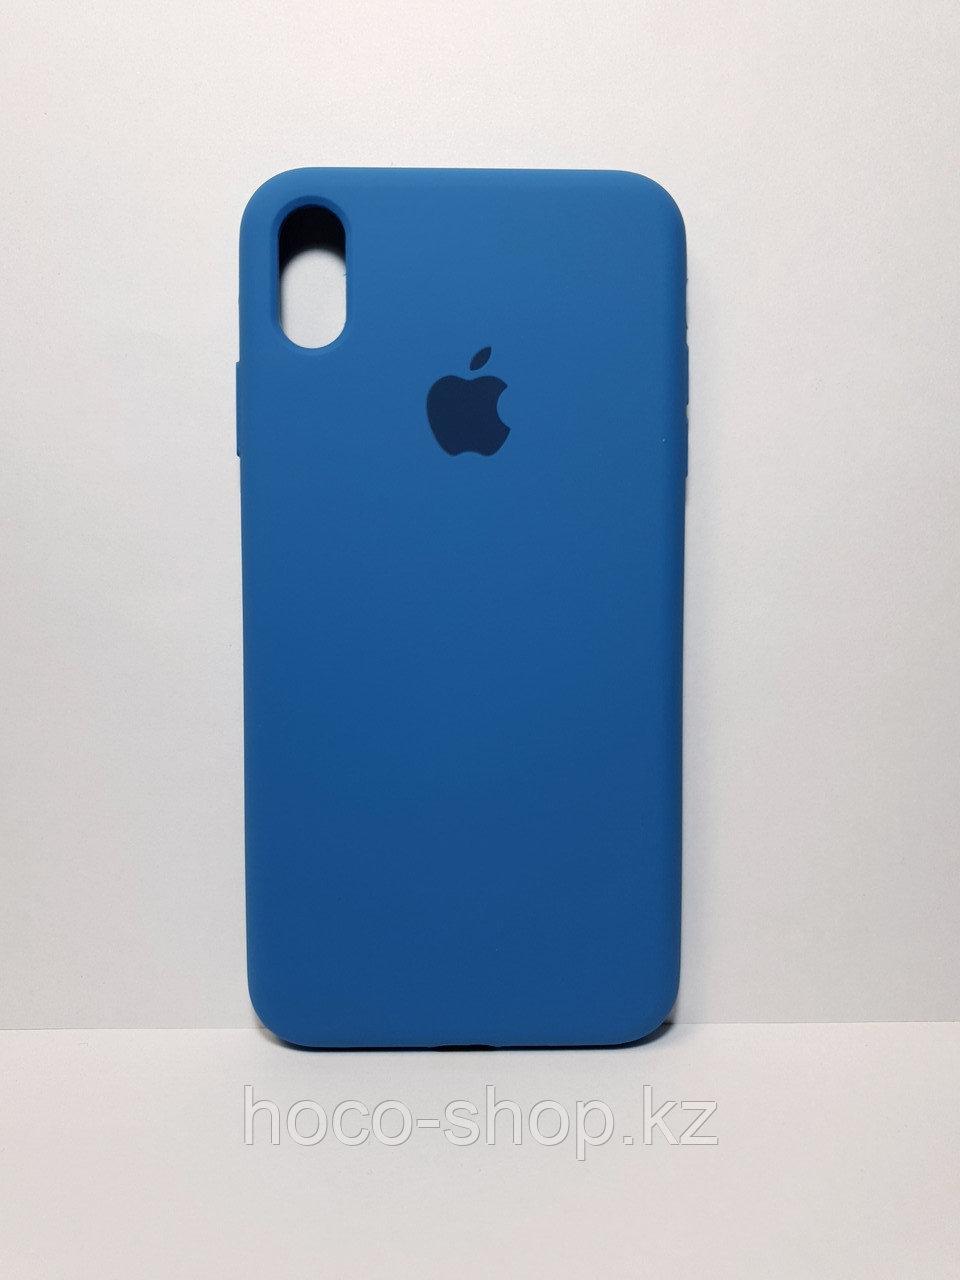 Защитный чехол для iPhone X/Xs Soft Touch силиконовый, синий